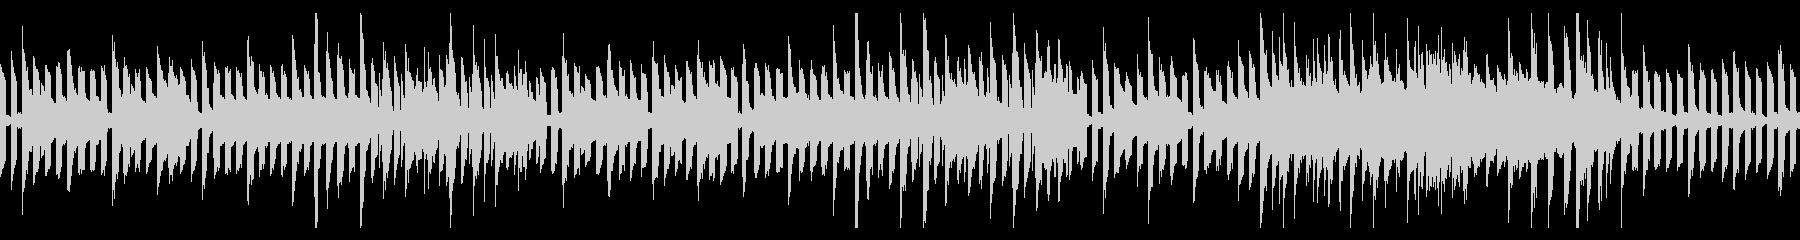 ピコピコした日常系のループBGMの未再生の波形